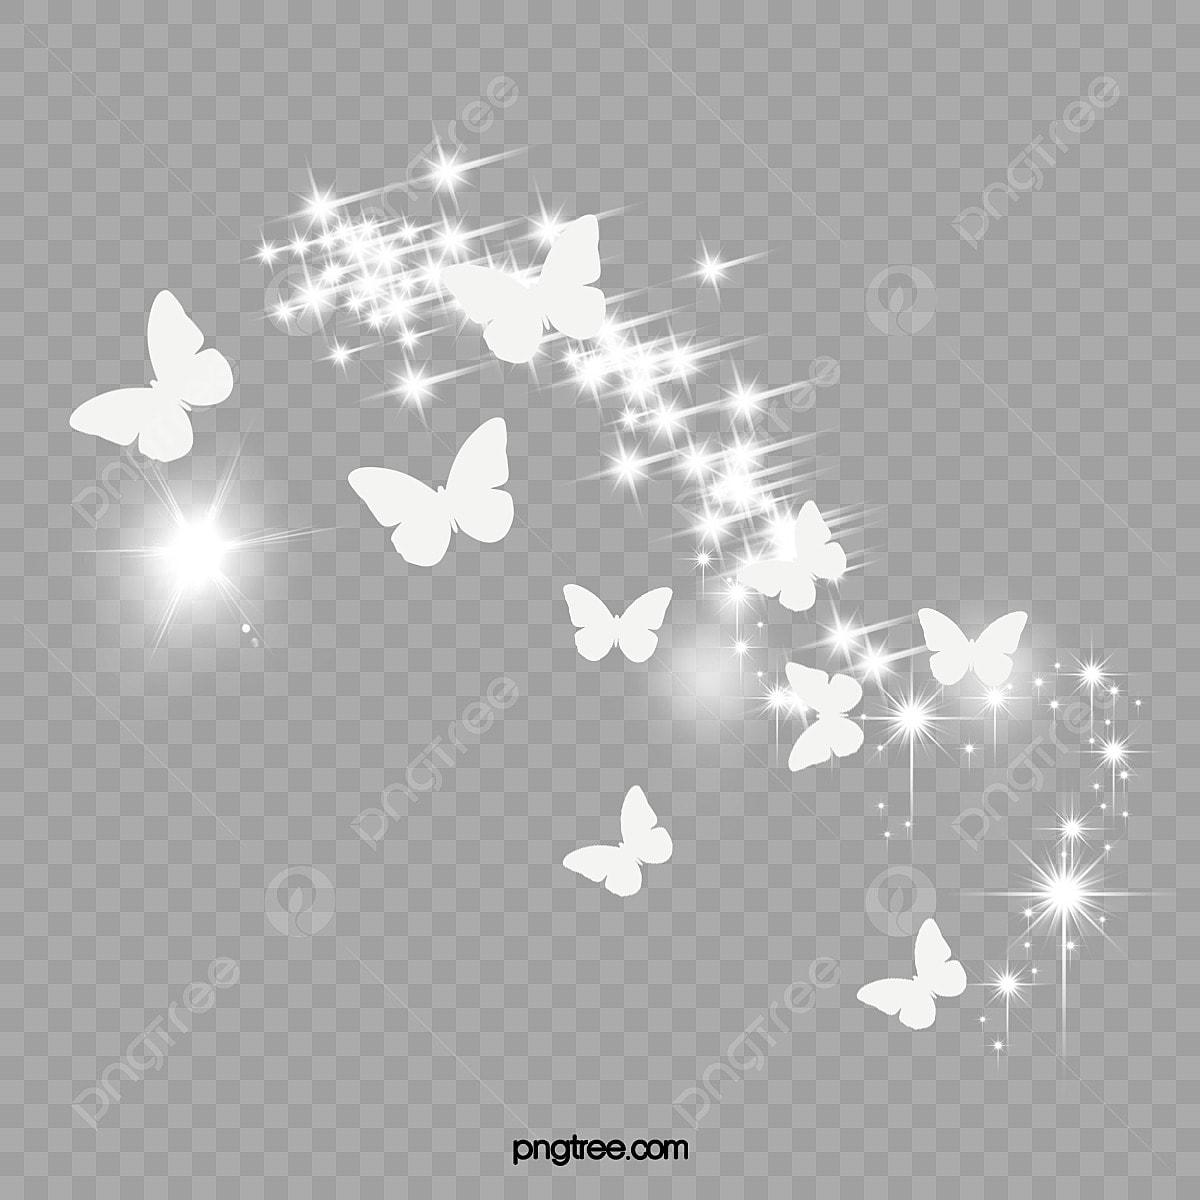 تطفو الفراشات فراشة حلم الفراشة فراشة الإبداع Png وملف Psd للتحميل مجانا